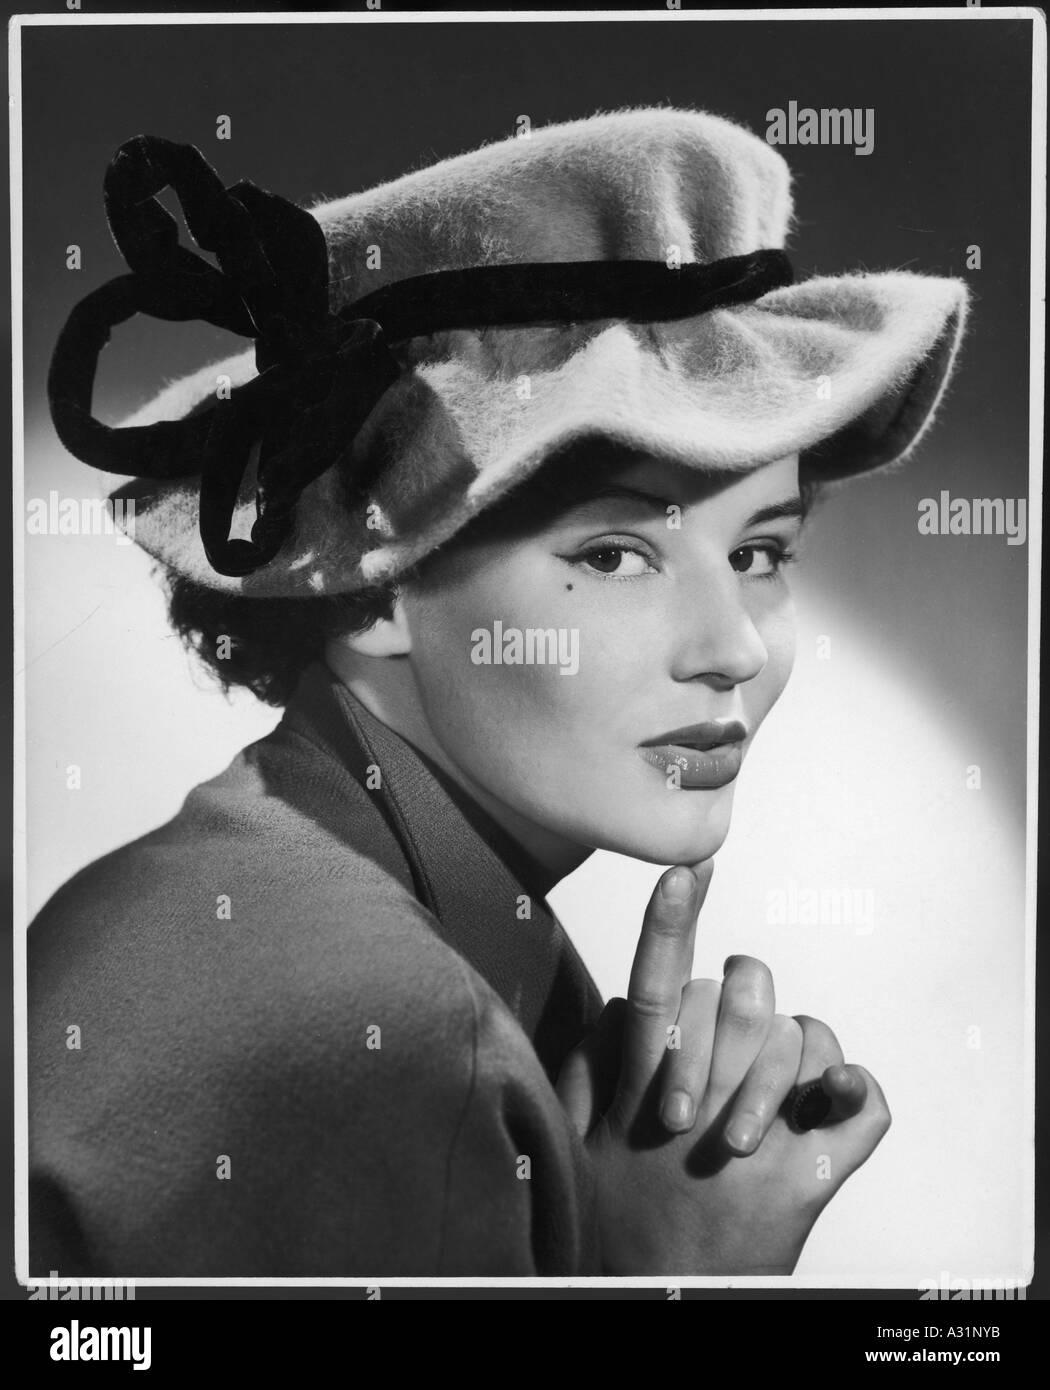 Des années 1950 à la mode Hat Photo Stock